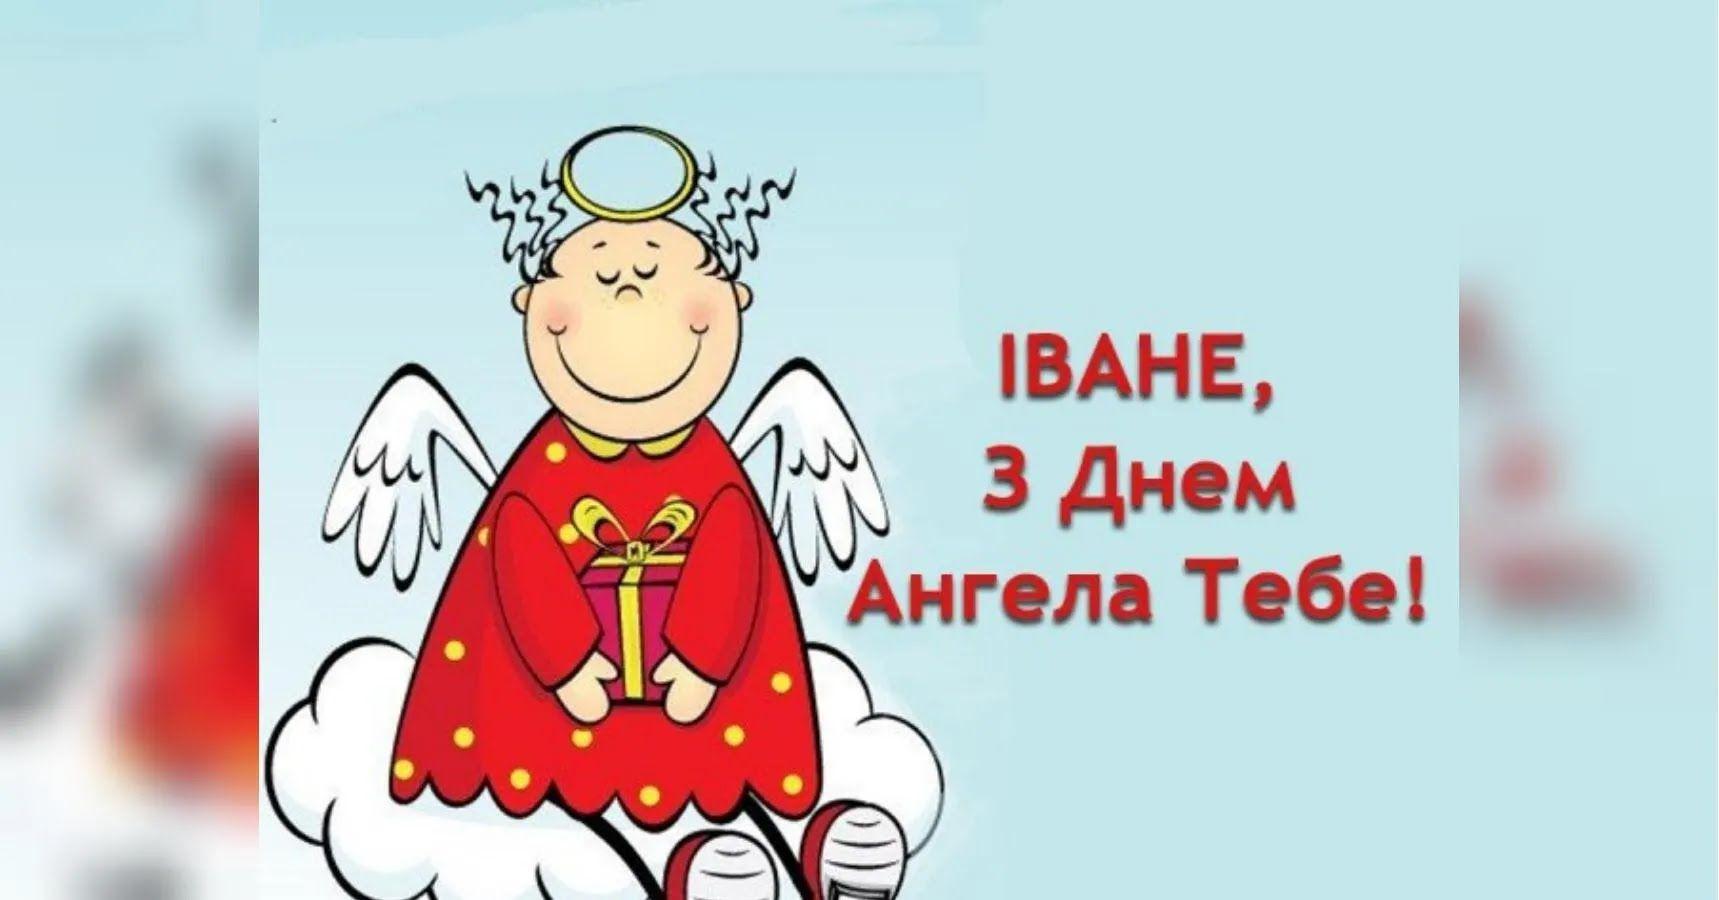 Картинка в день ангела Ивана